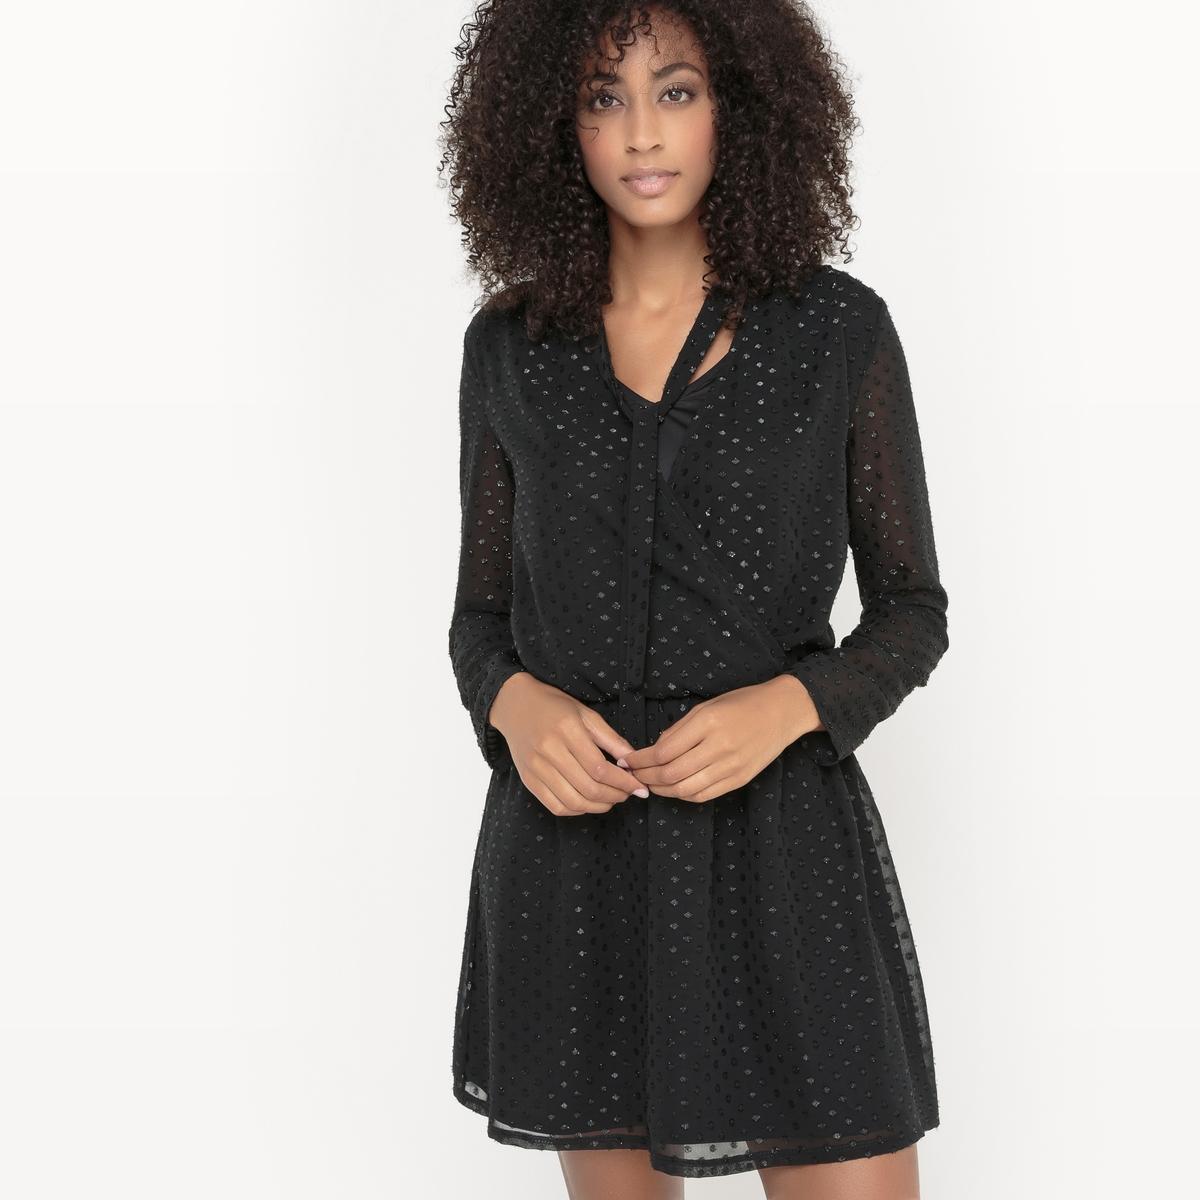 Платье с длинными рукавами VIPETRAS DRESSПлатье с длинными рукавами VIPETRAS DRESS от VILA . Платье прямого покроя. Наложение ткани с эффектом вуали . Эффект плиссировки. Присборено на талии.  V-образный вырез с галстуком-лавальер  . Состав и описание :Материал : 100% полиэстерМарка : VILA.<br><br>Цвет: черный<br>Размер: L